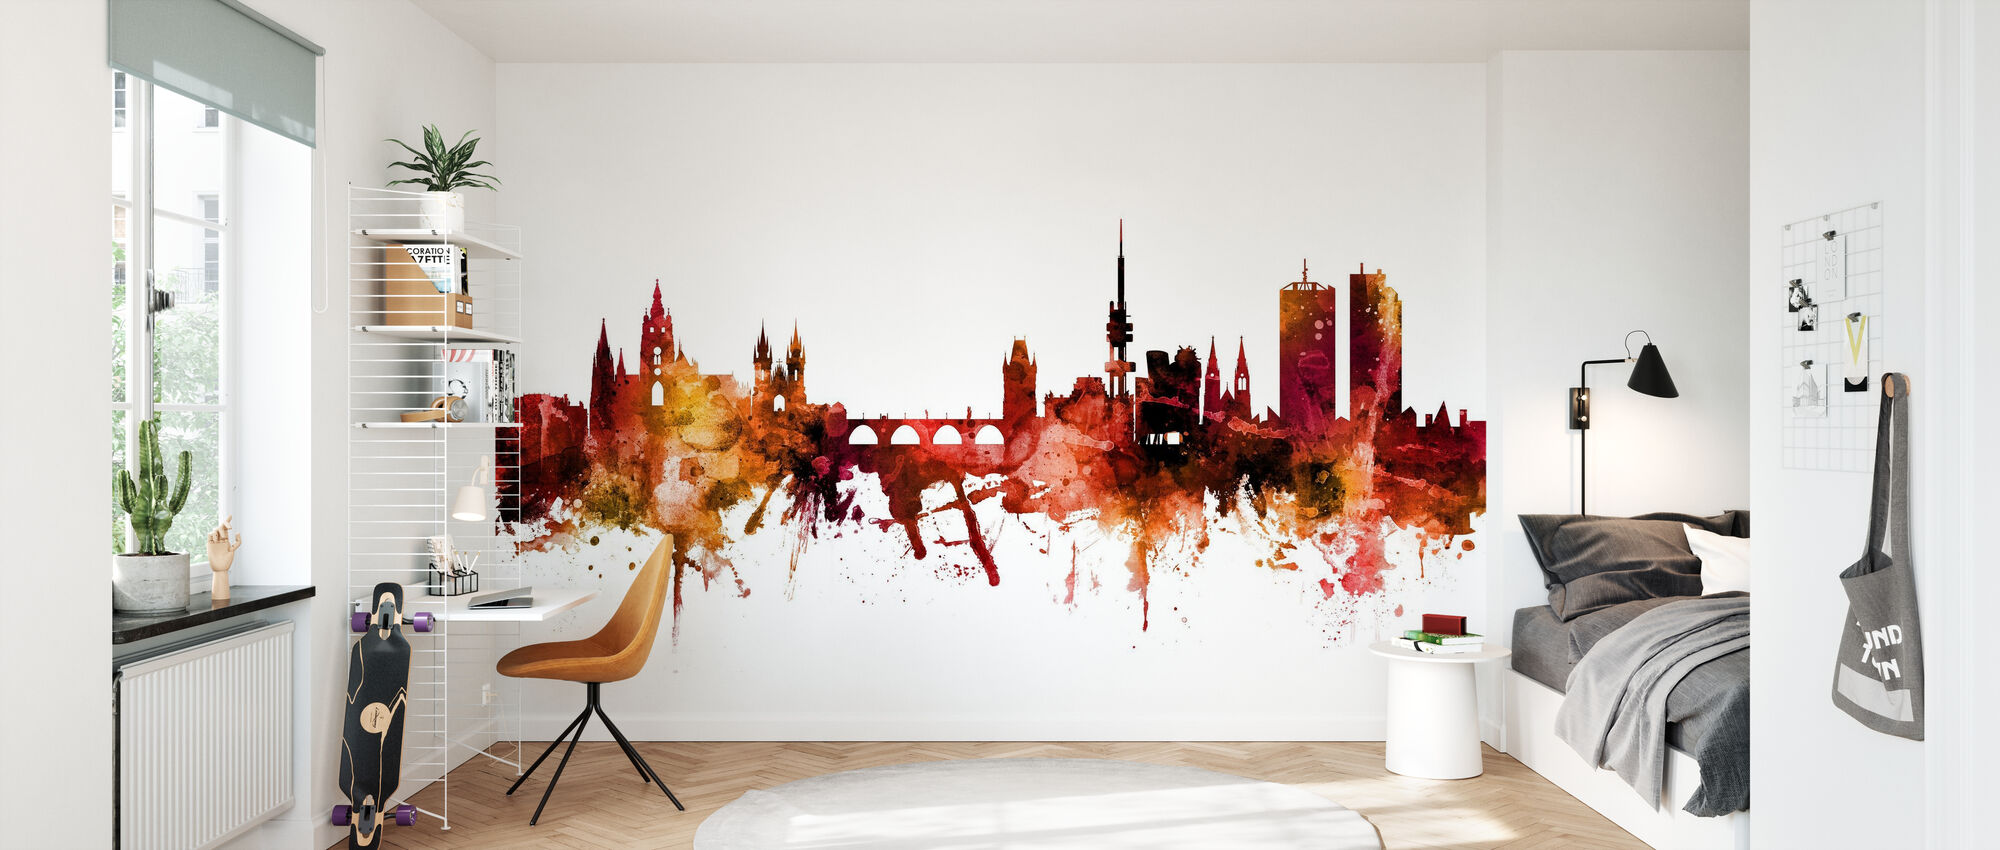 Prague (Praha) Czech Republic Skyline - Wallpaper - Kids Room